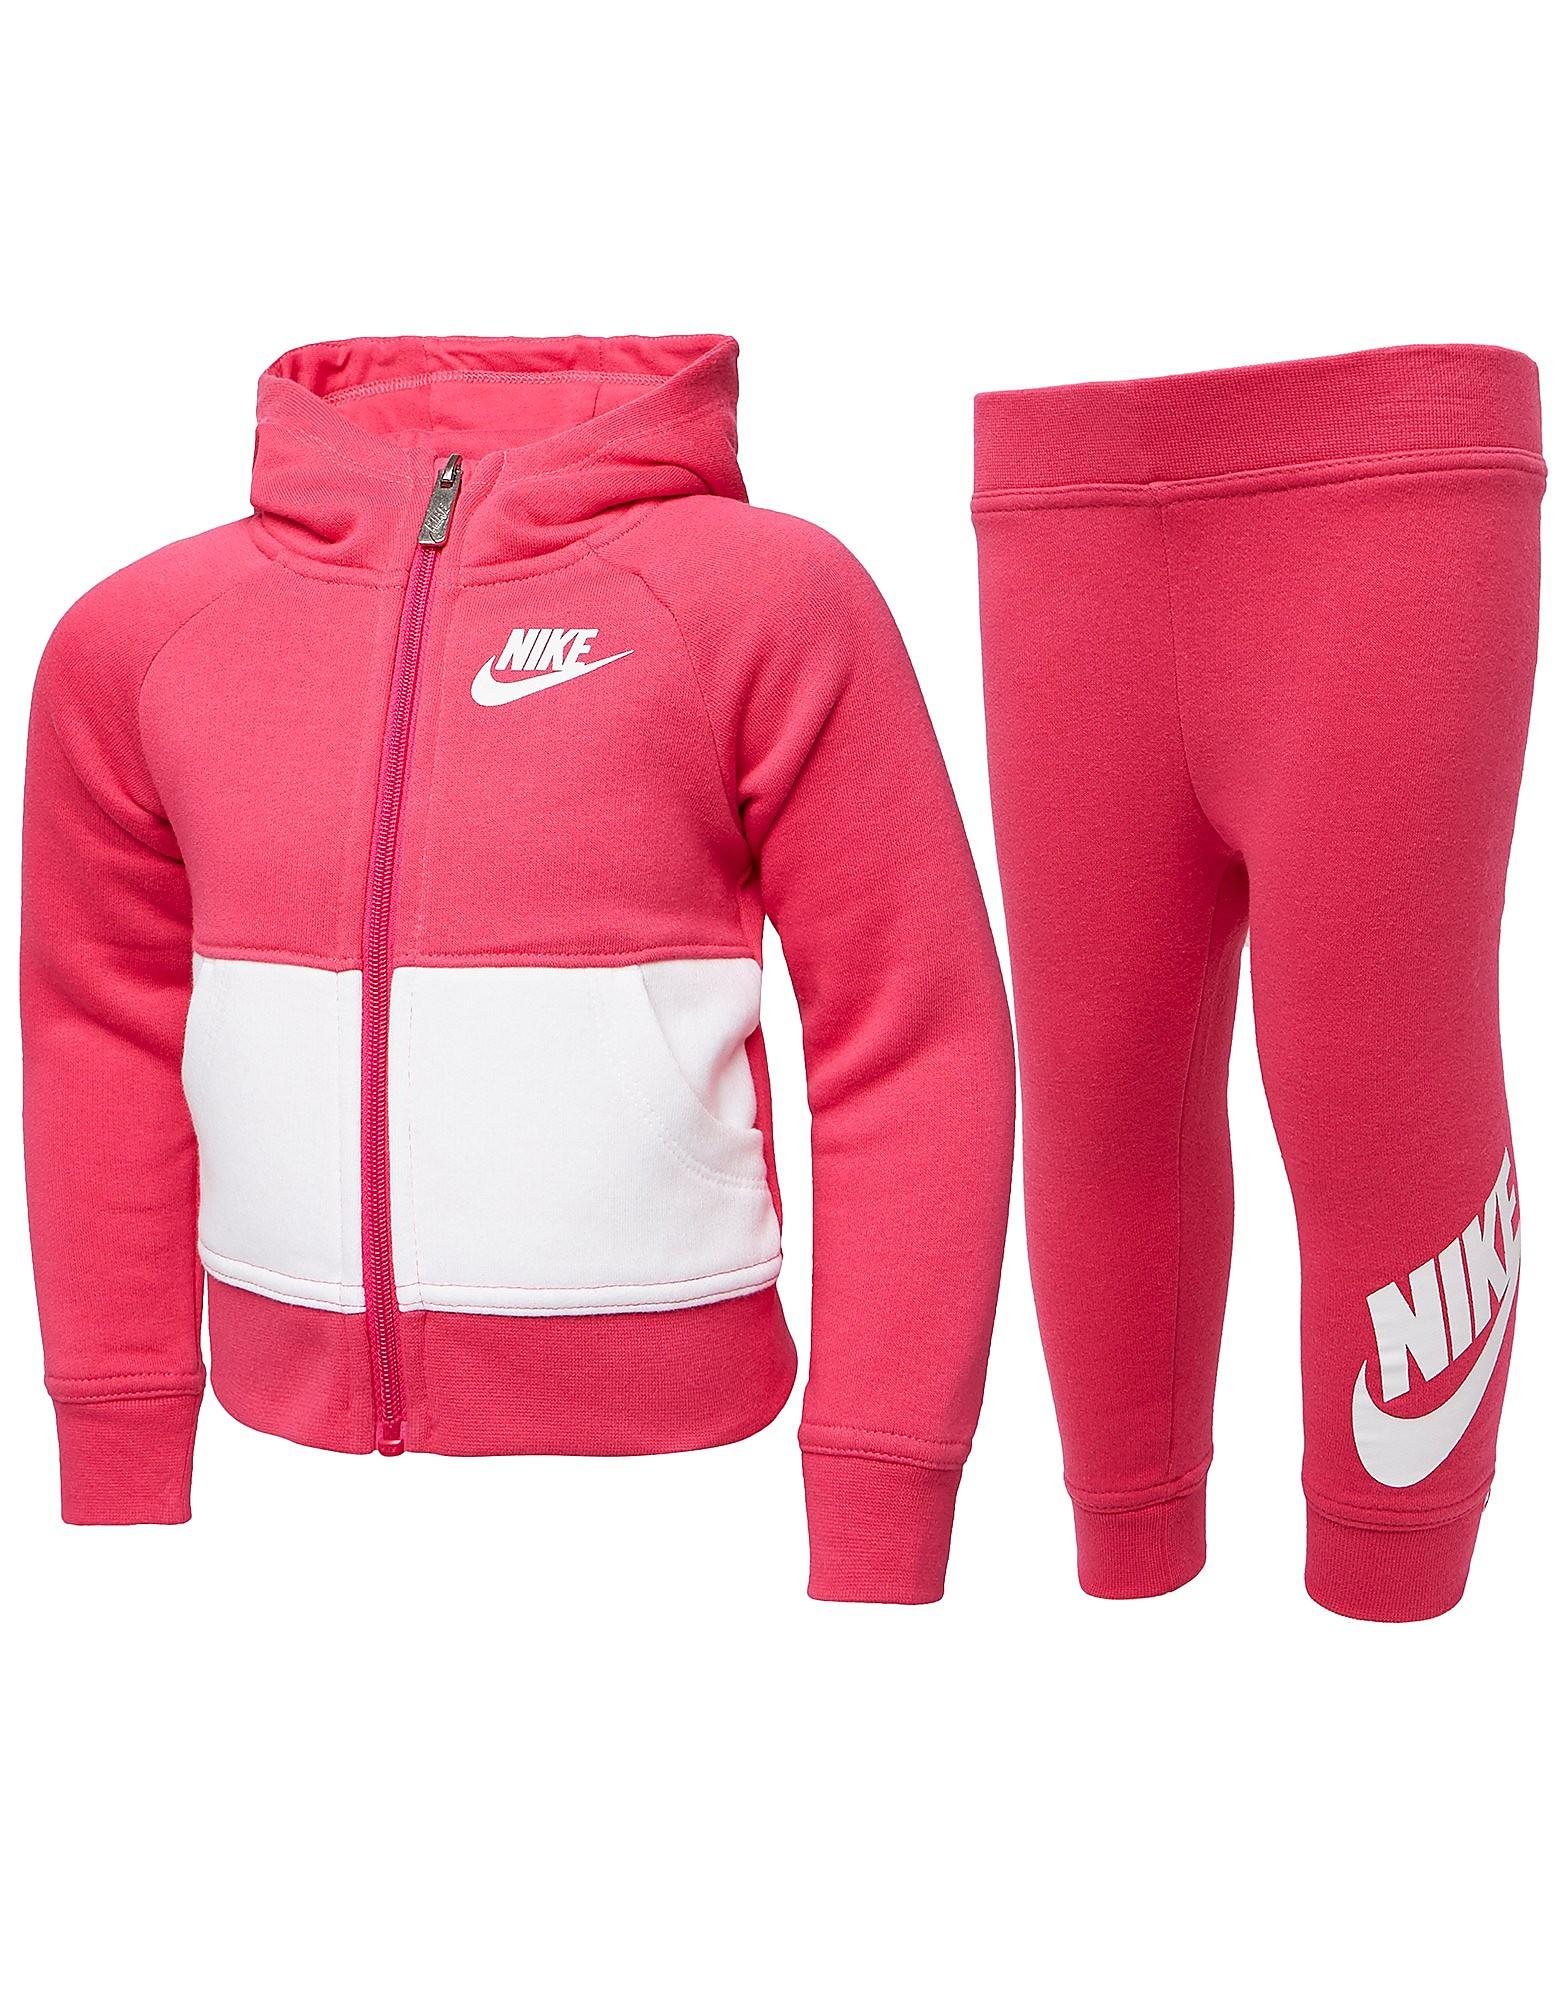 Nike Mädchen Futura Anzug Kleinkinder